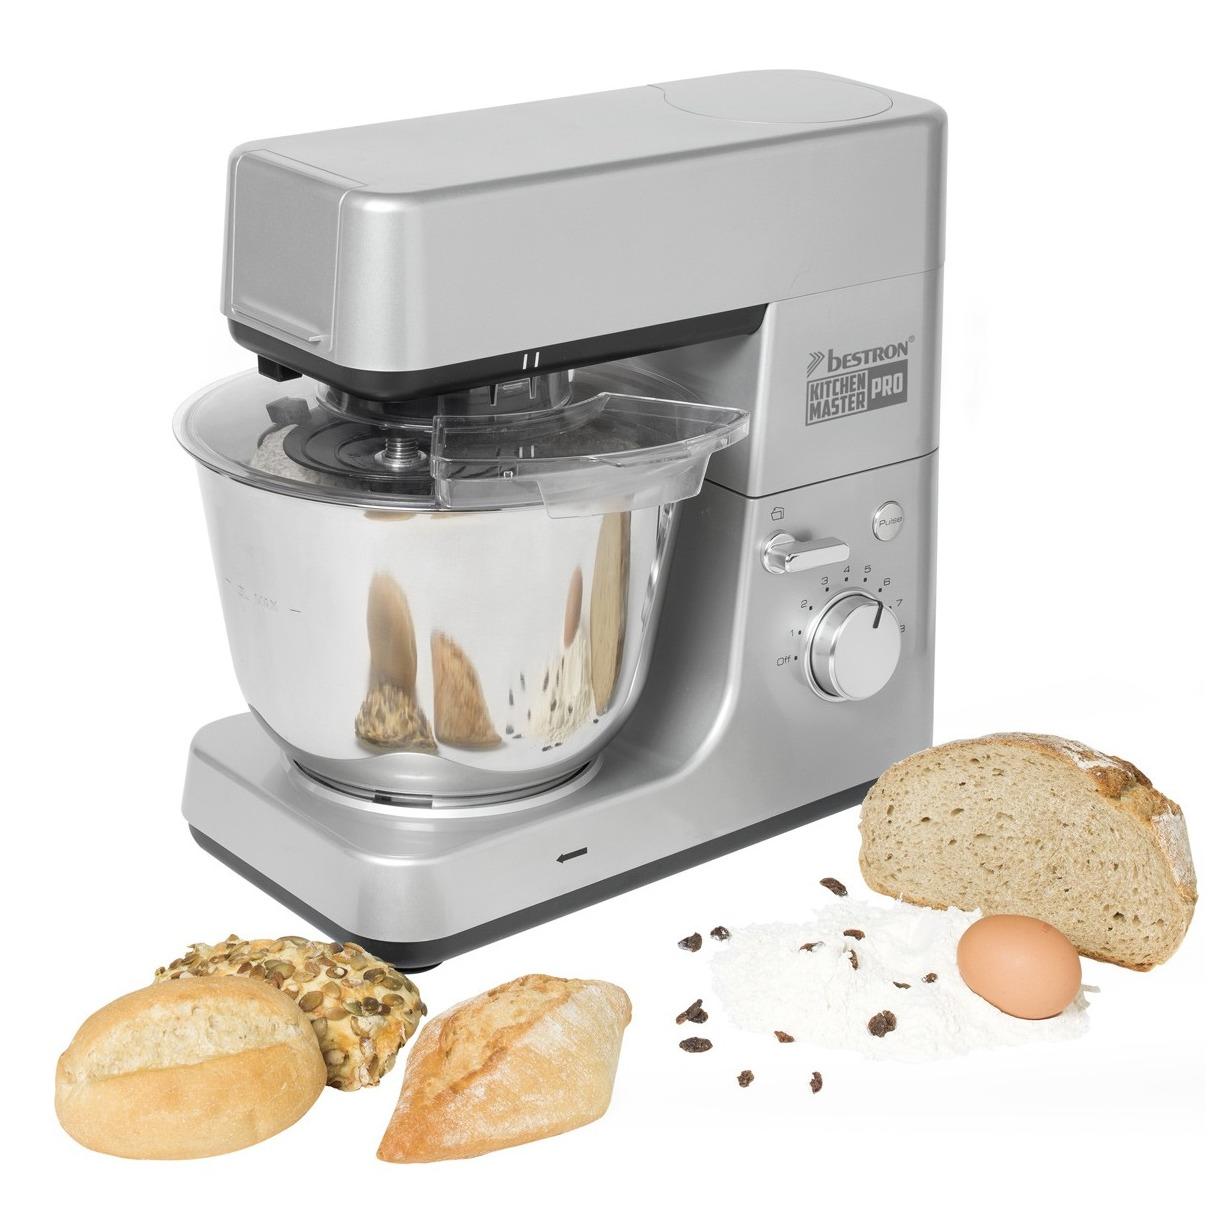 Bestron keukenmachine AKM1600S - Prijsvergelijk